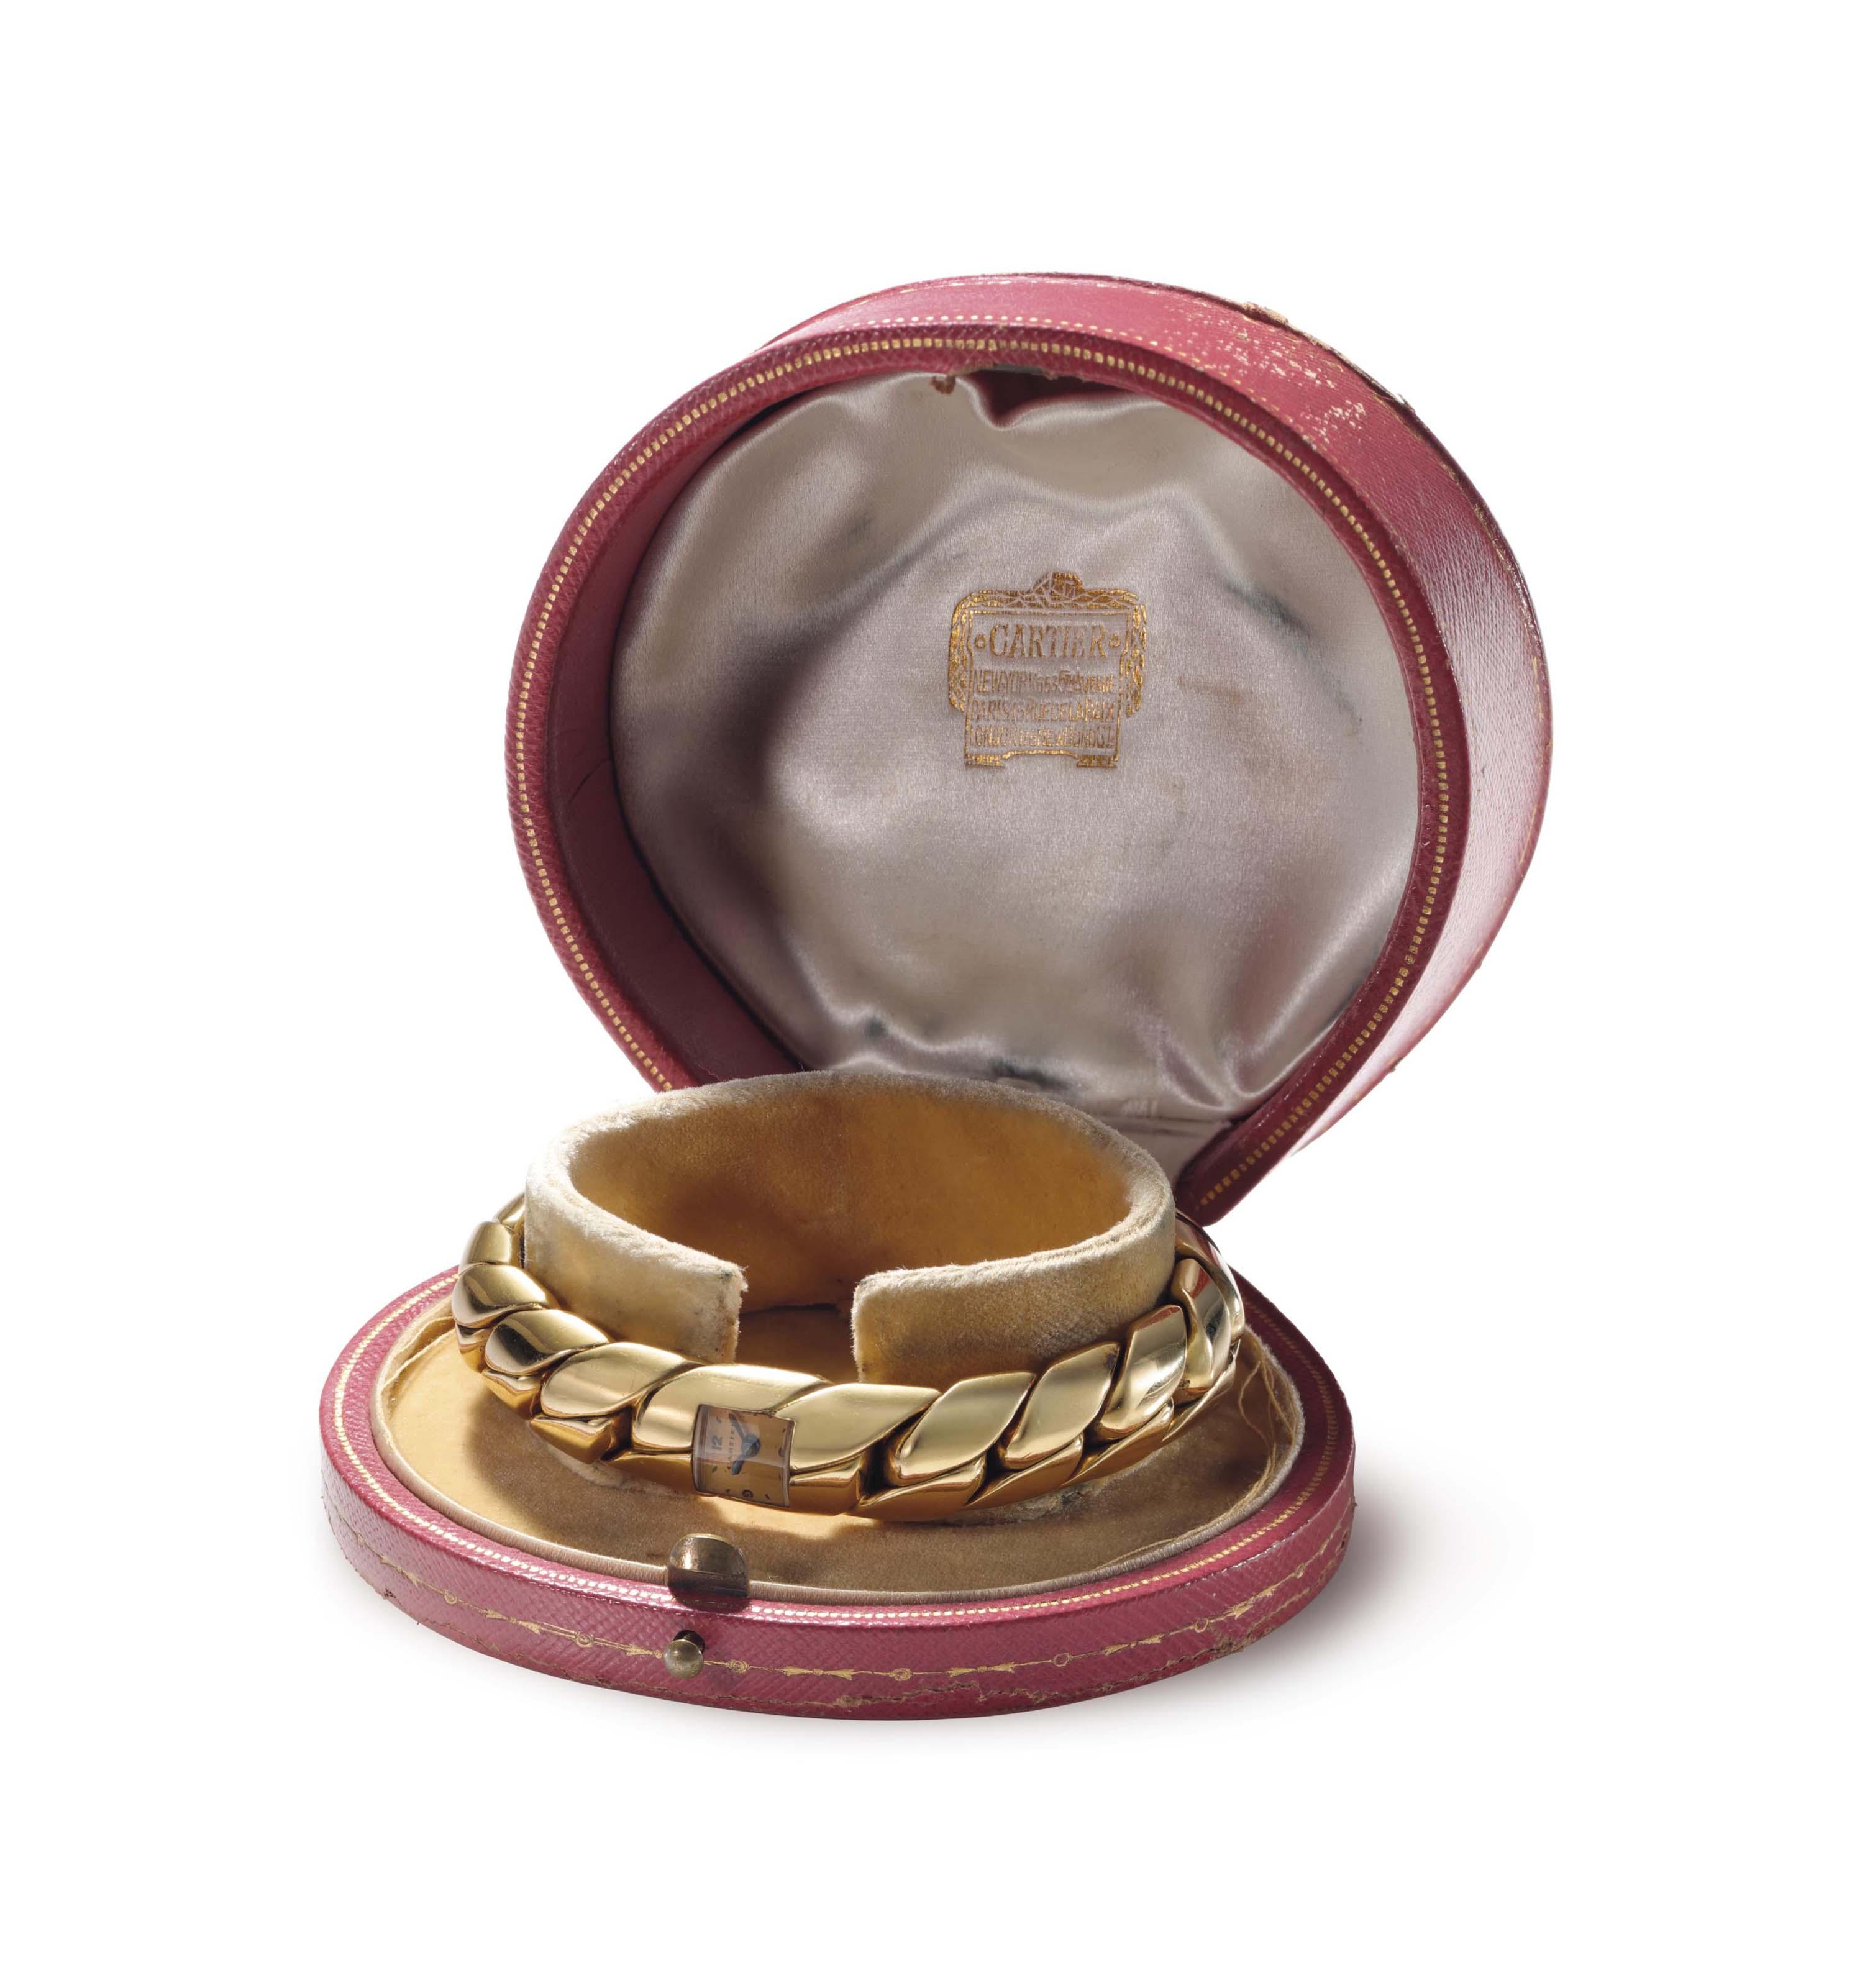 Cartier. A Lady's 18k Gold Bracelet Watch